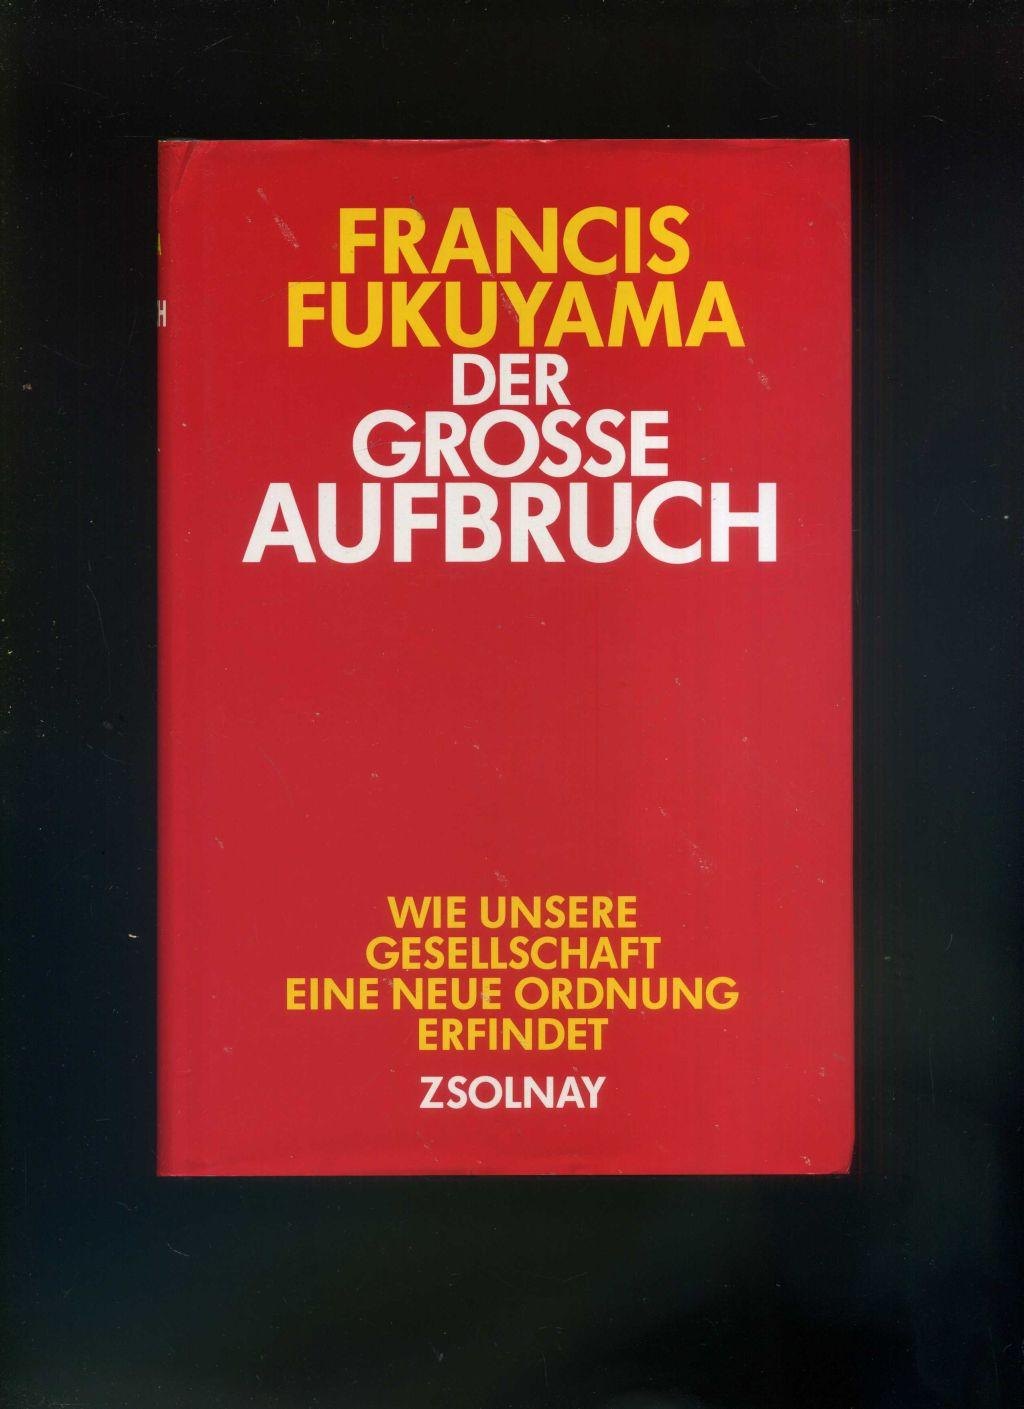 Der große Aufbruch: Wie unsere Gesellschaft eine: Francis Fukuyama: